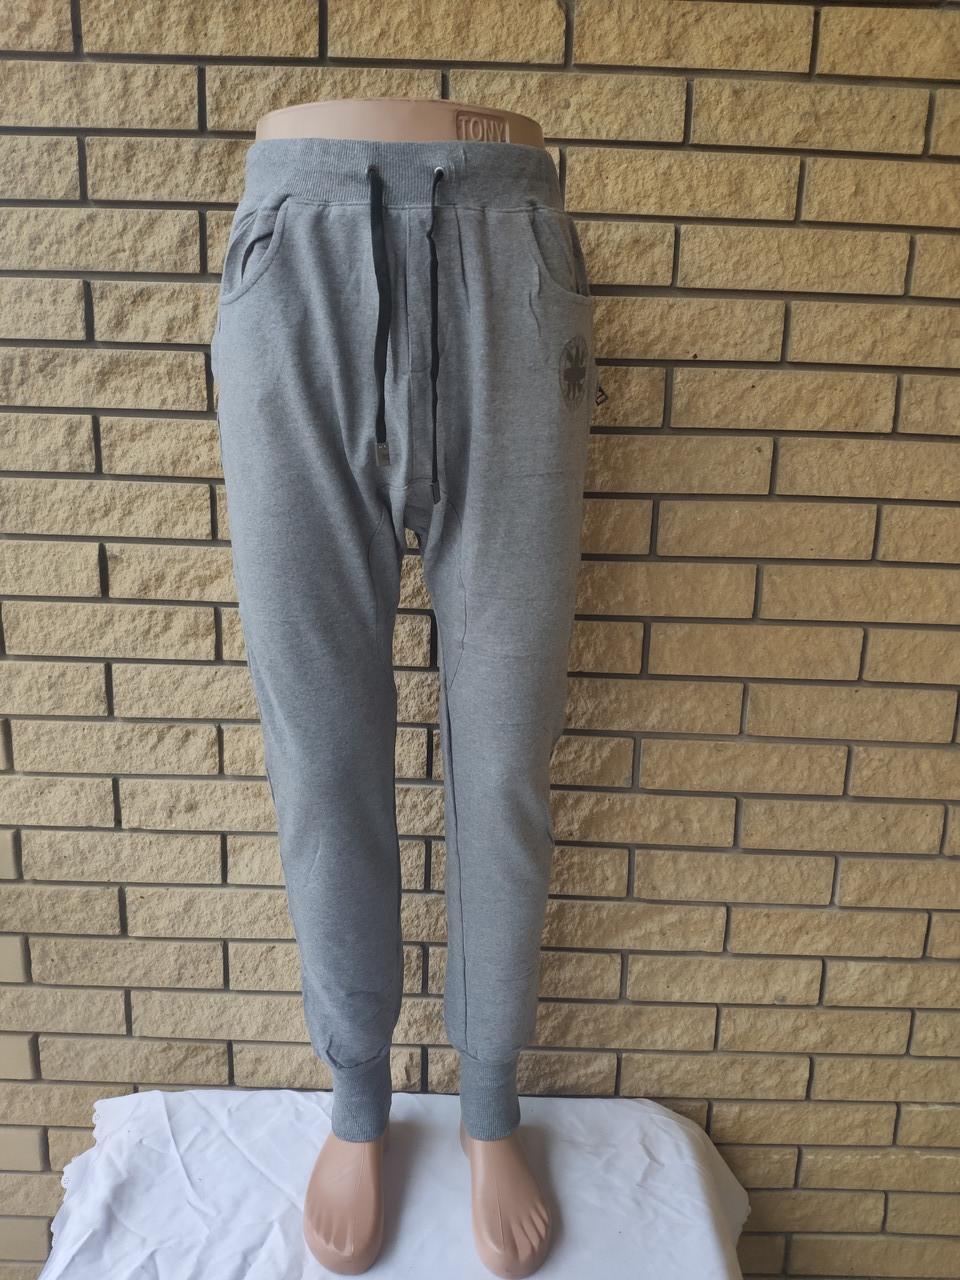 Спортивные штаны утепленные высокого качества унисекс трикотажные на флисе INCOGNITO,Турция